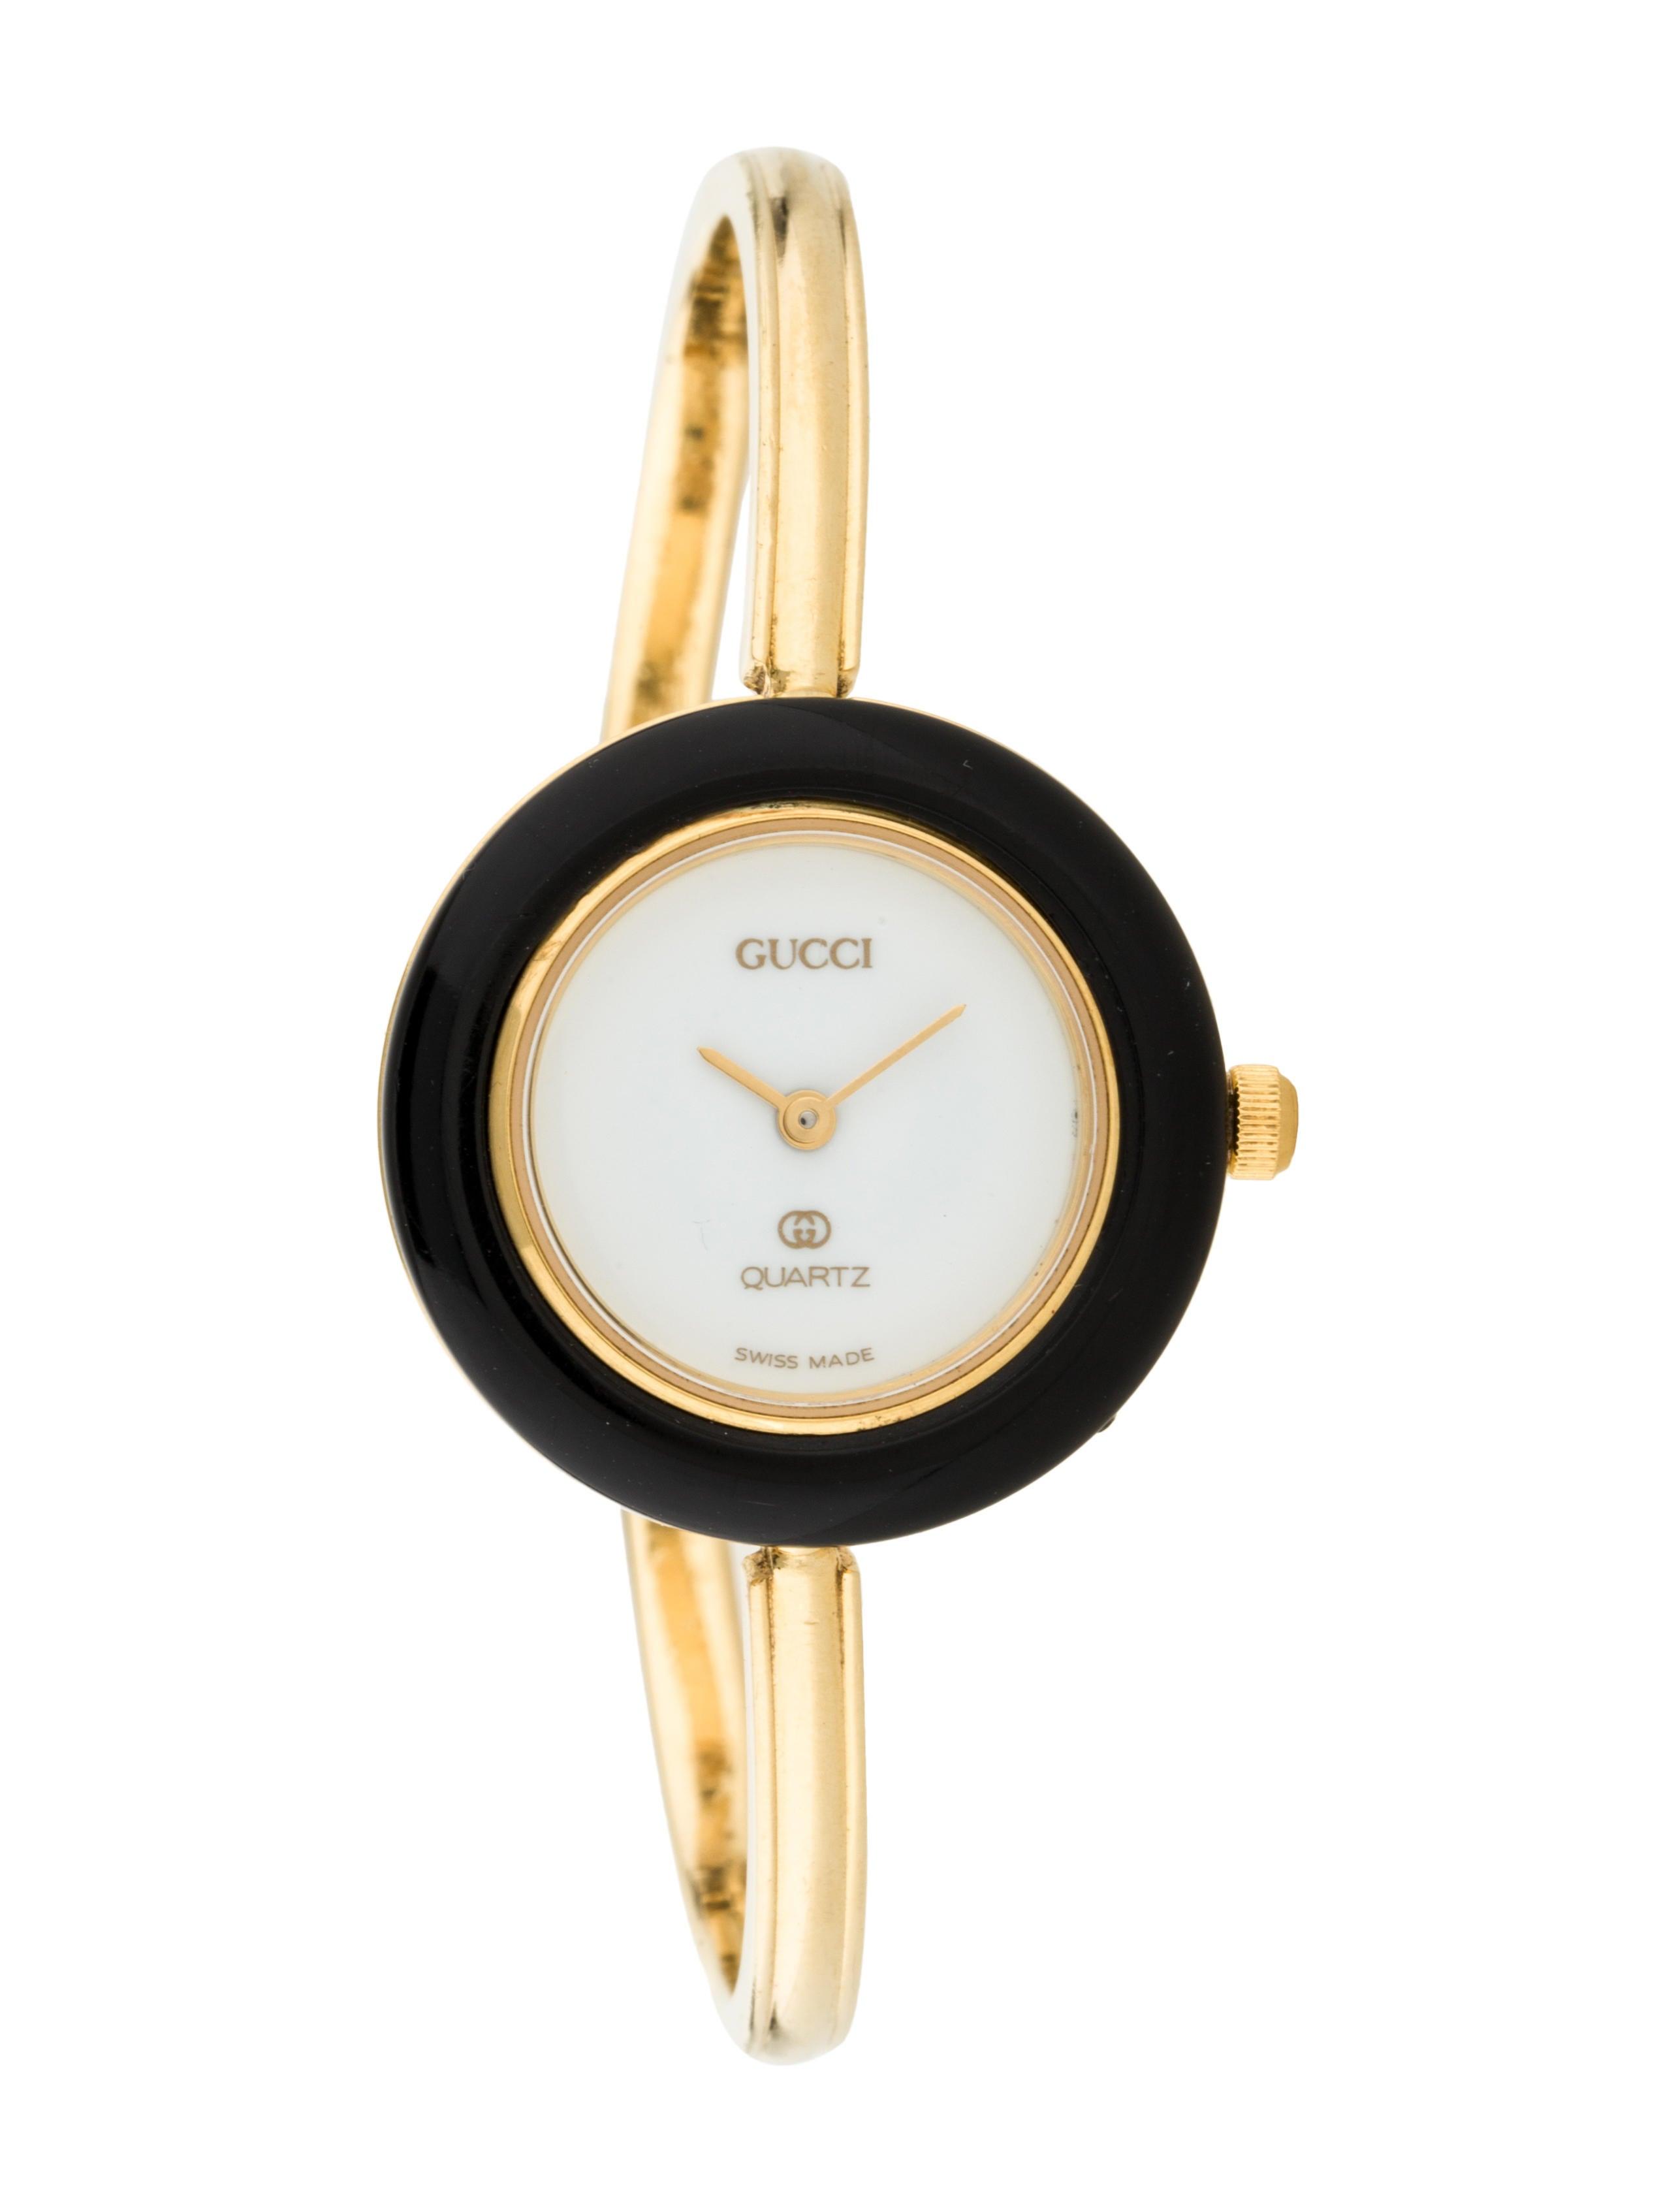 df03d6154c3 Gucci 1100-L Watch - Bracelet - GUC104747